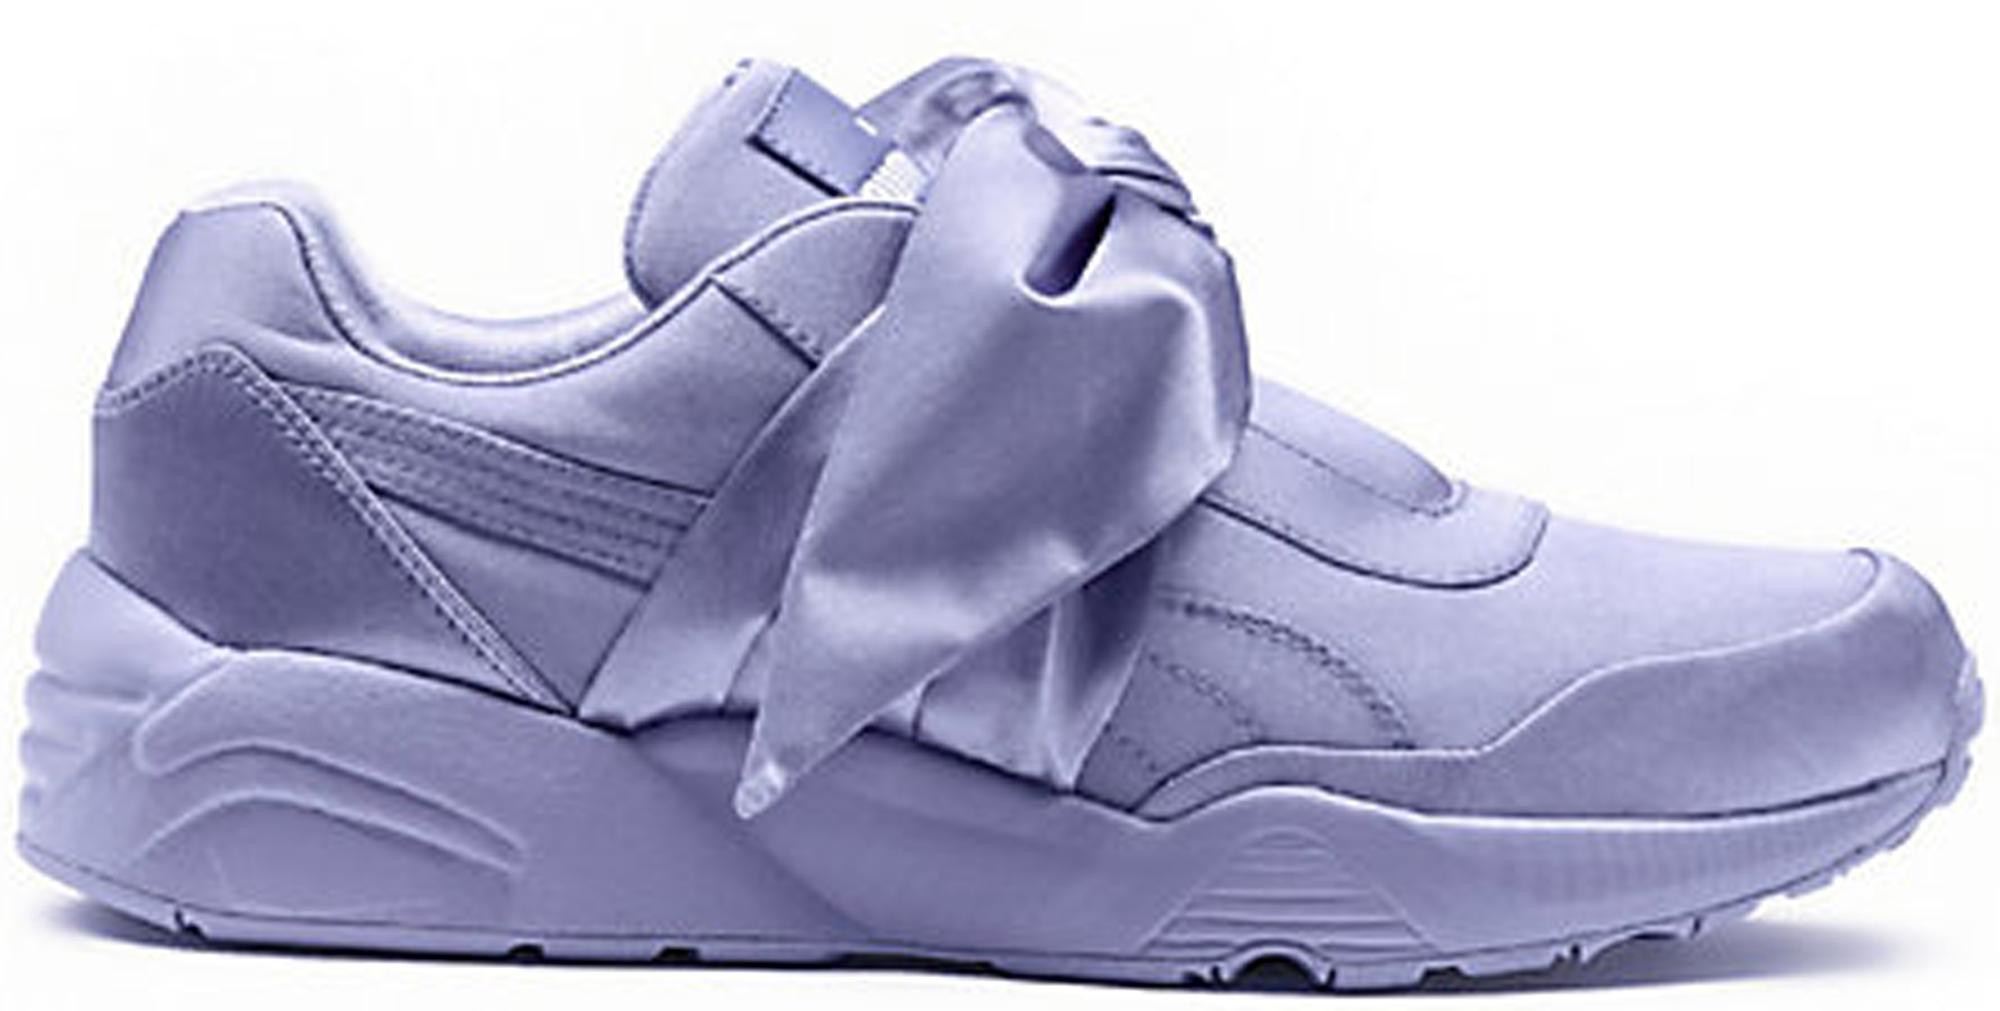 Puma Bow Rihanna Fenty Lavender (W)